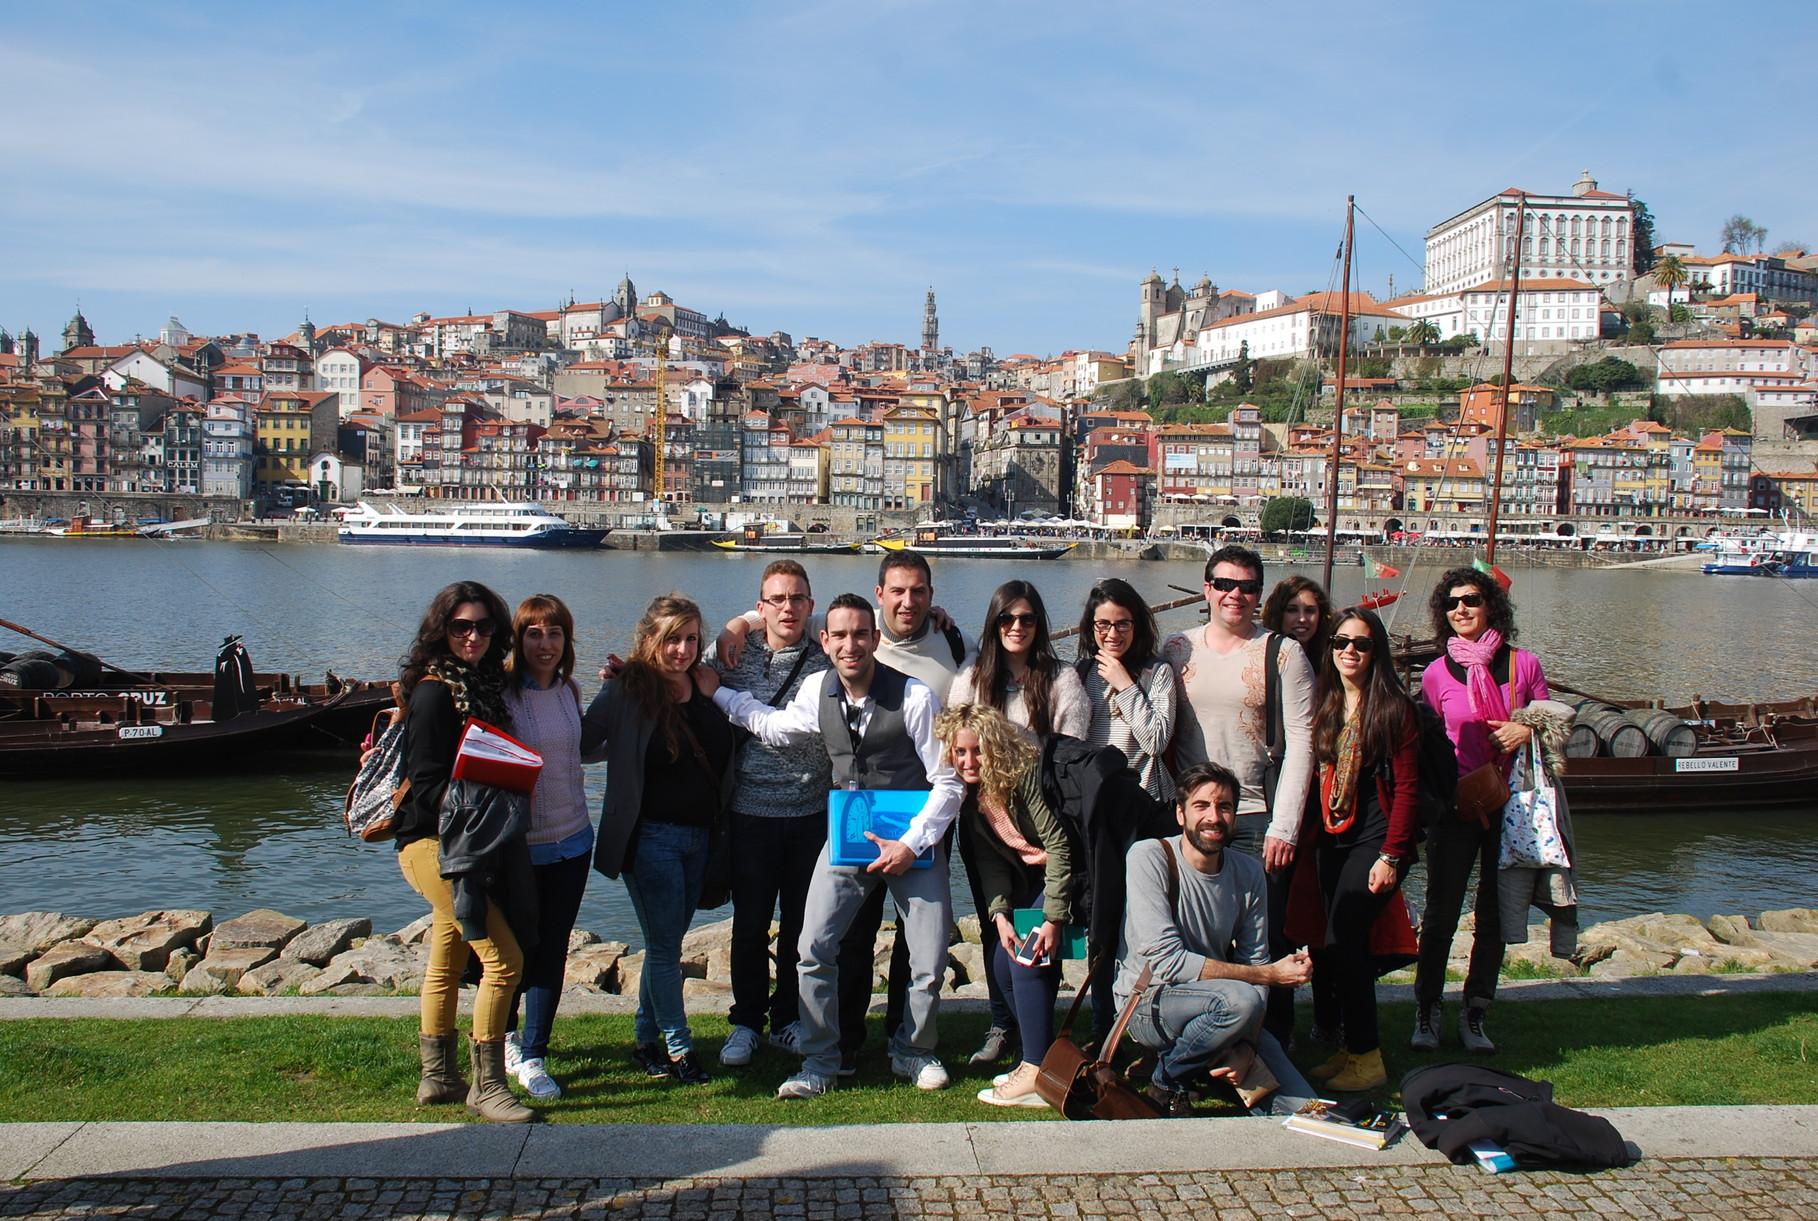 2014. Porto